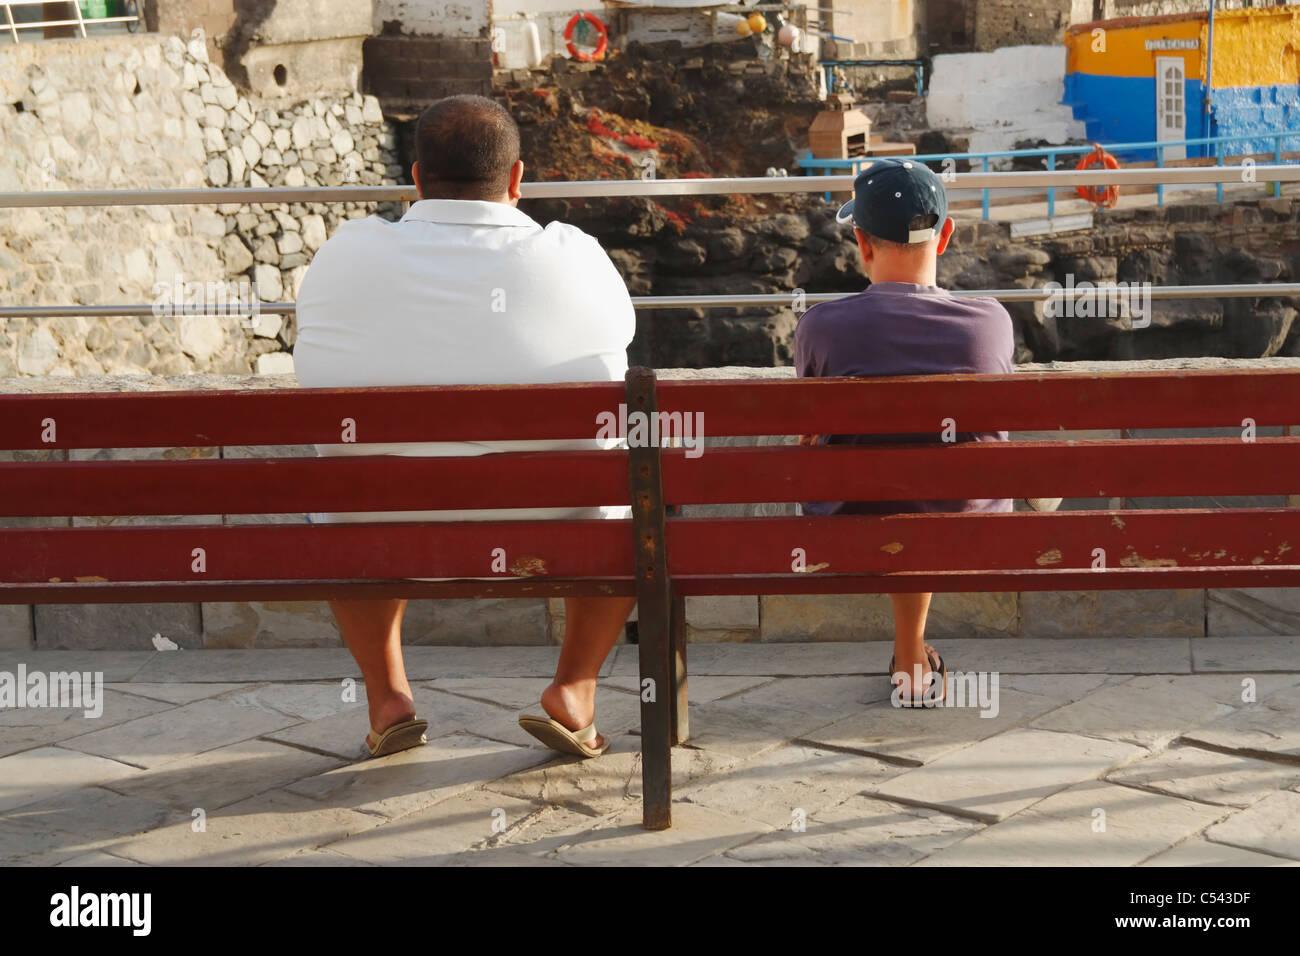 Gran hombre y pequeño hombre sentado en un banco en España Imagen De Stock